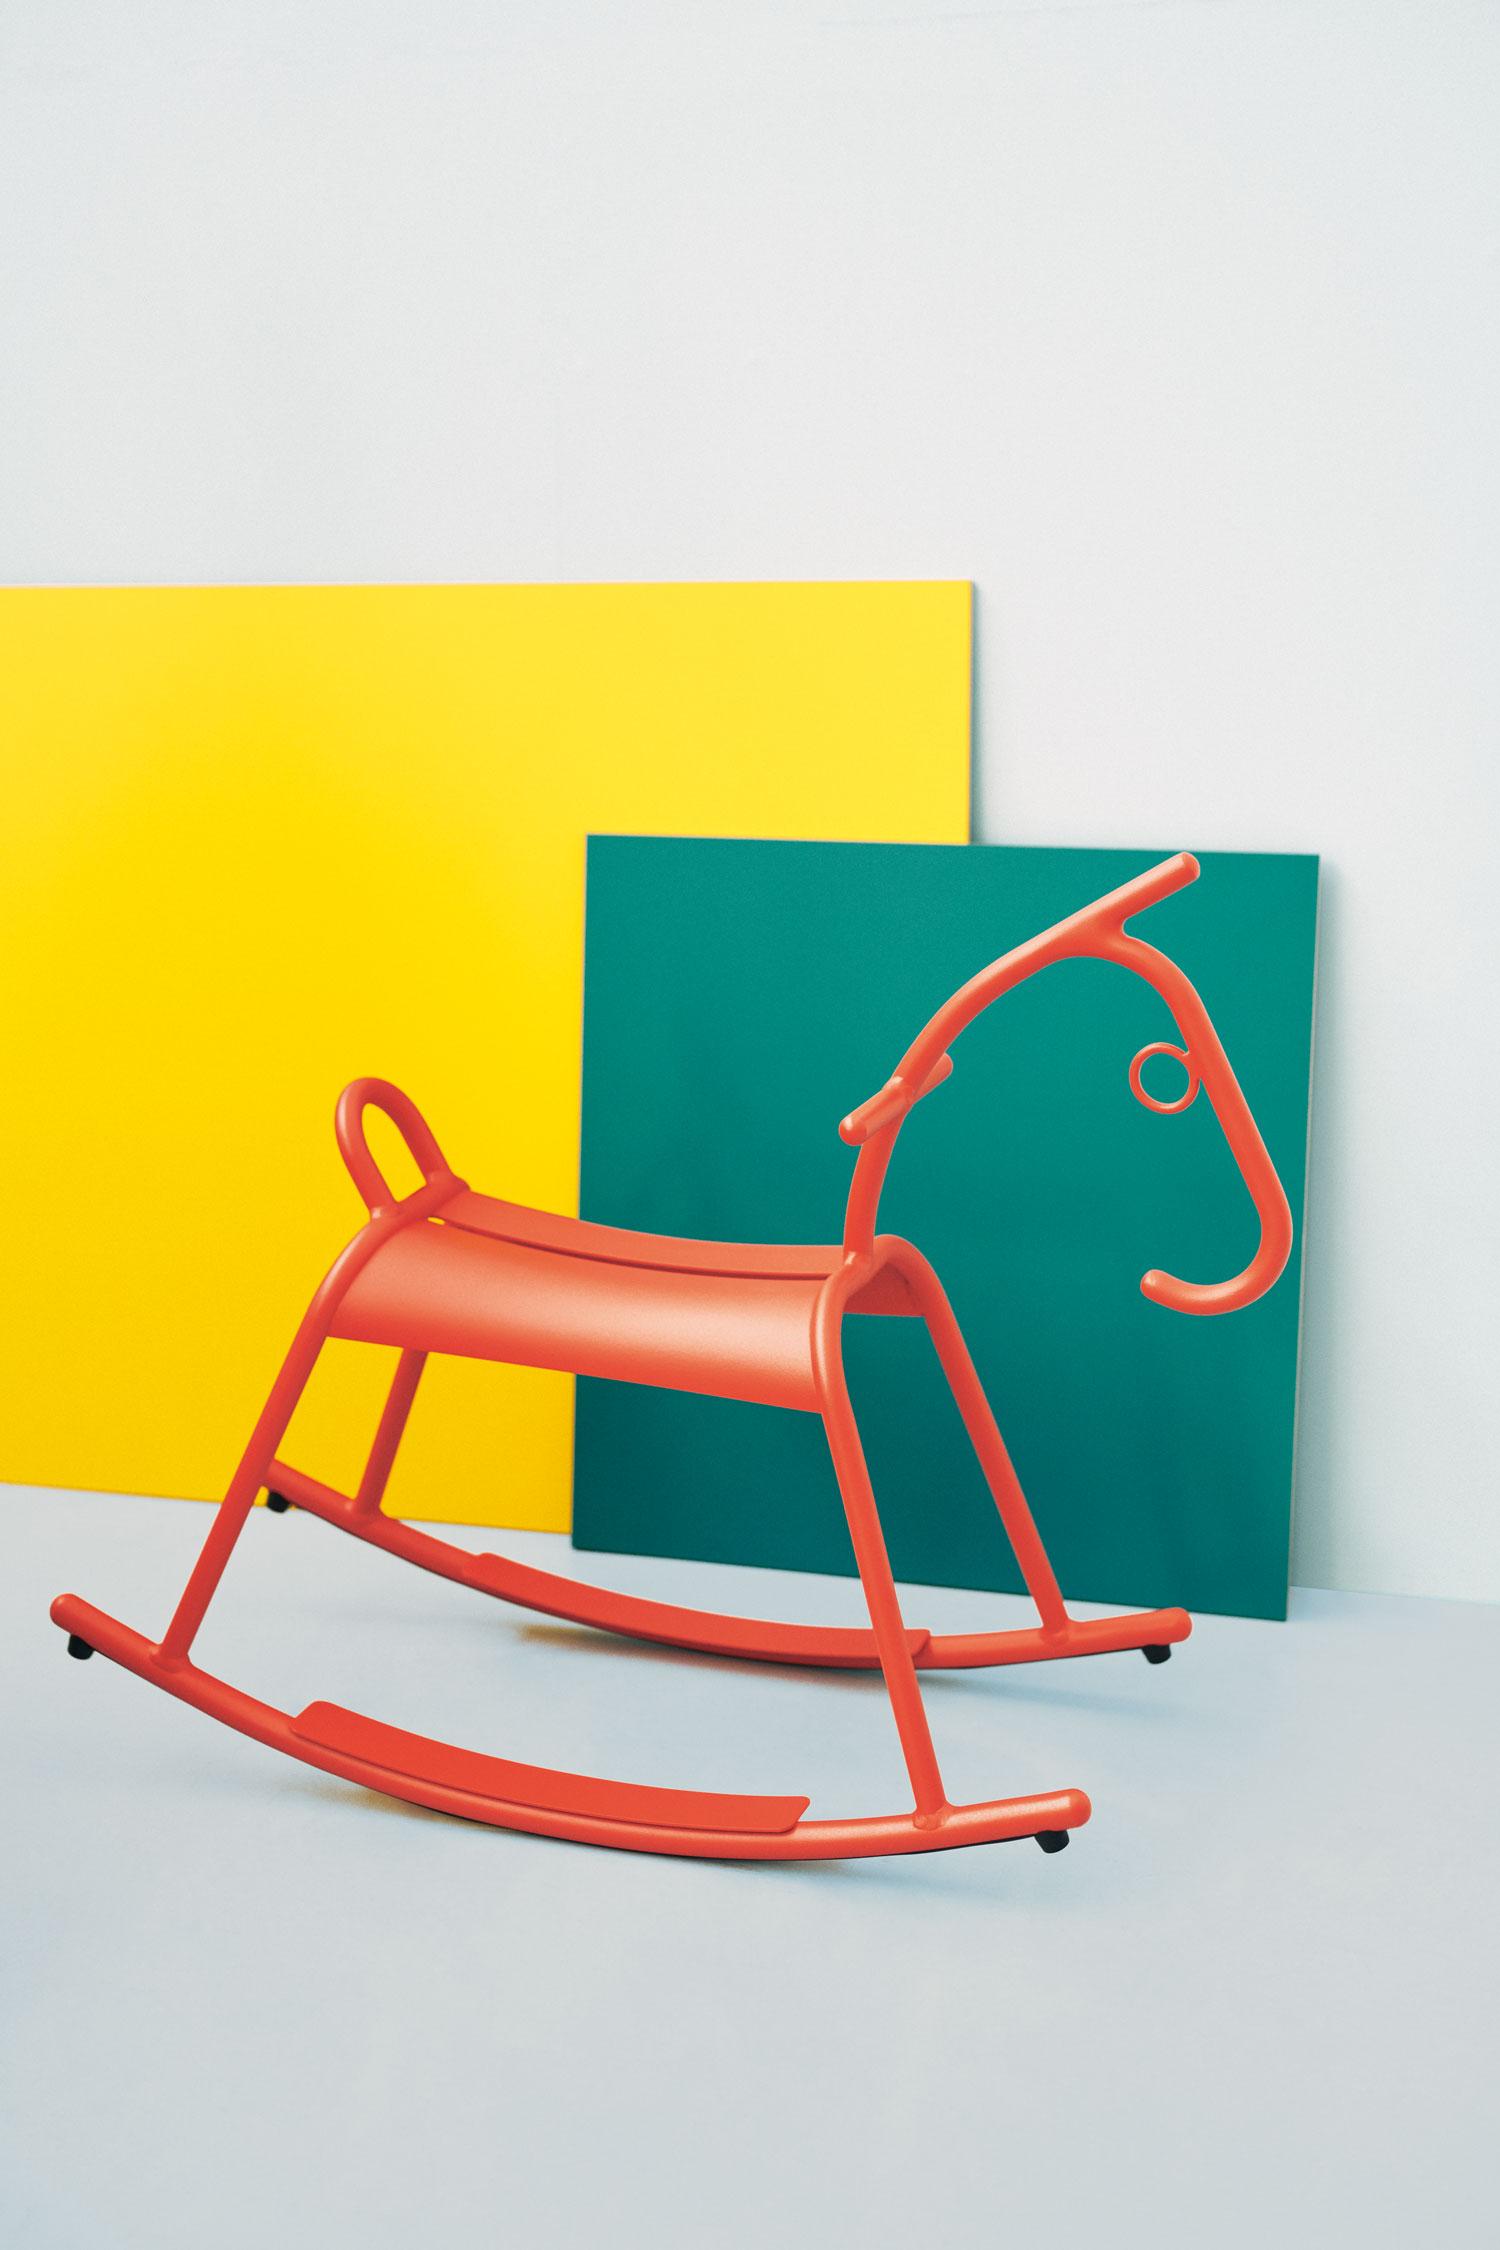 cheval a bascule metal, cheval a bascule design, jeu pour le jardin, fermob